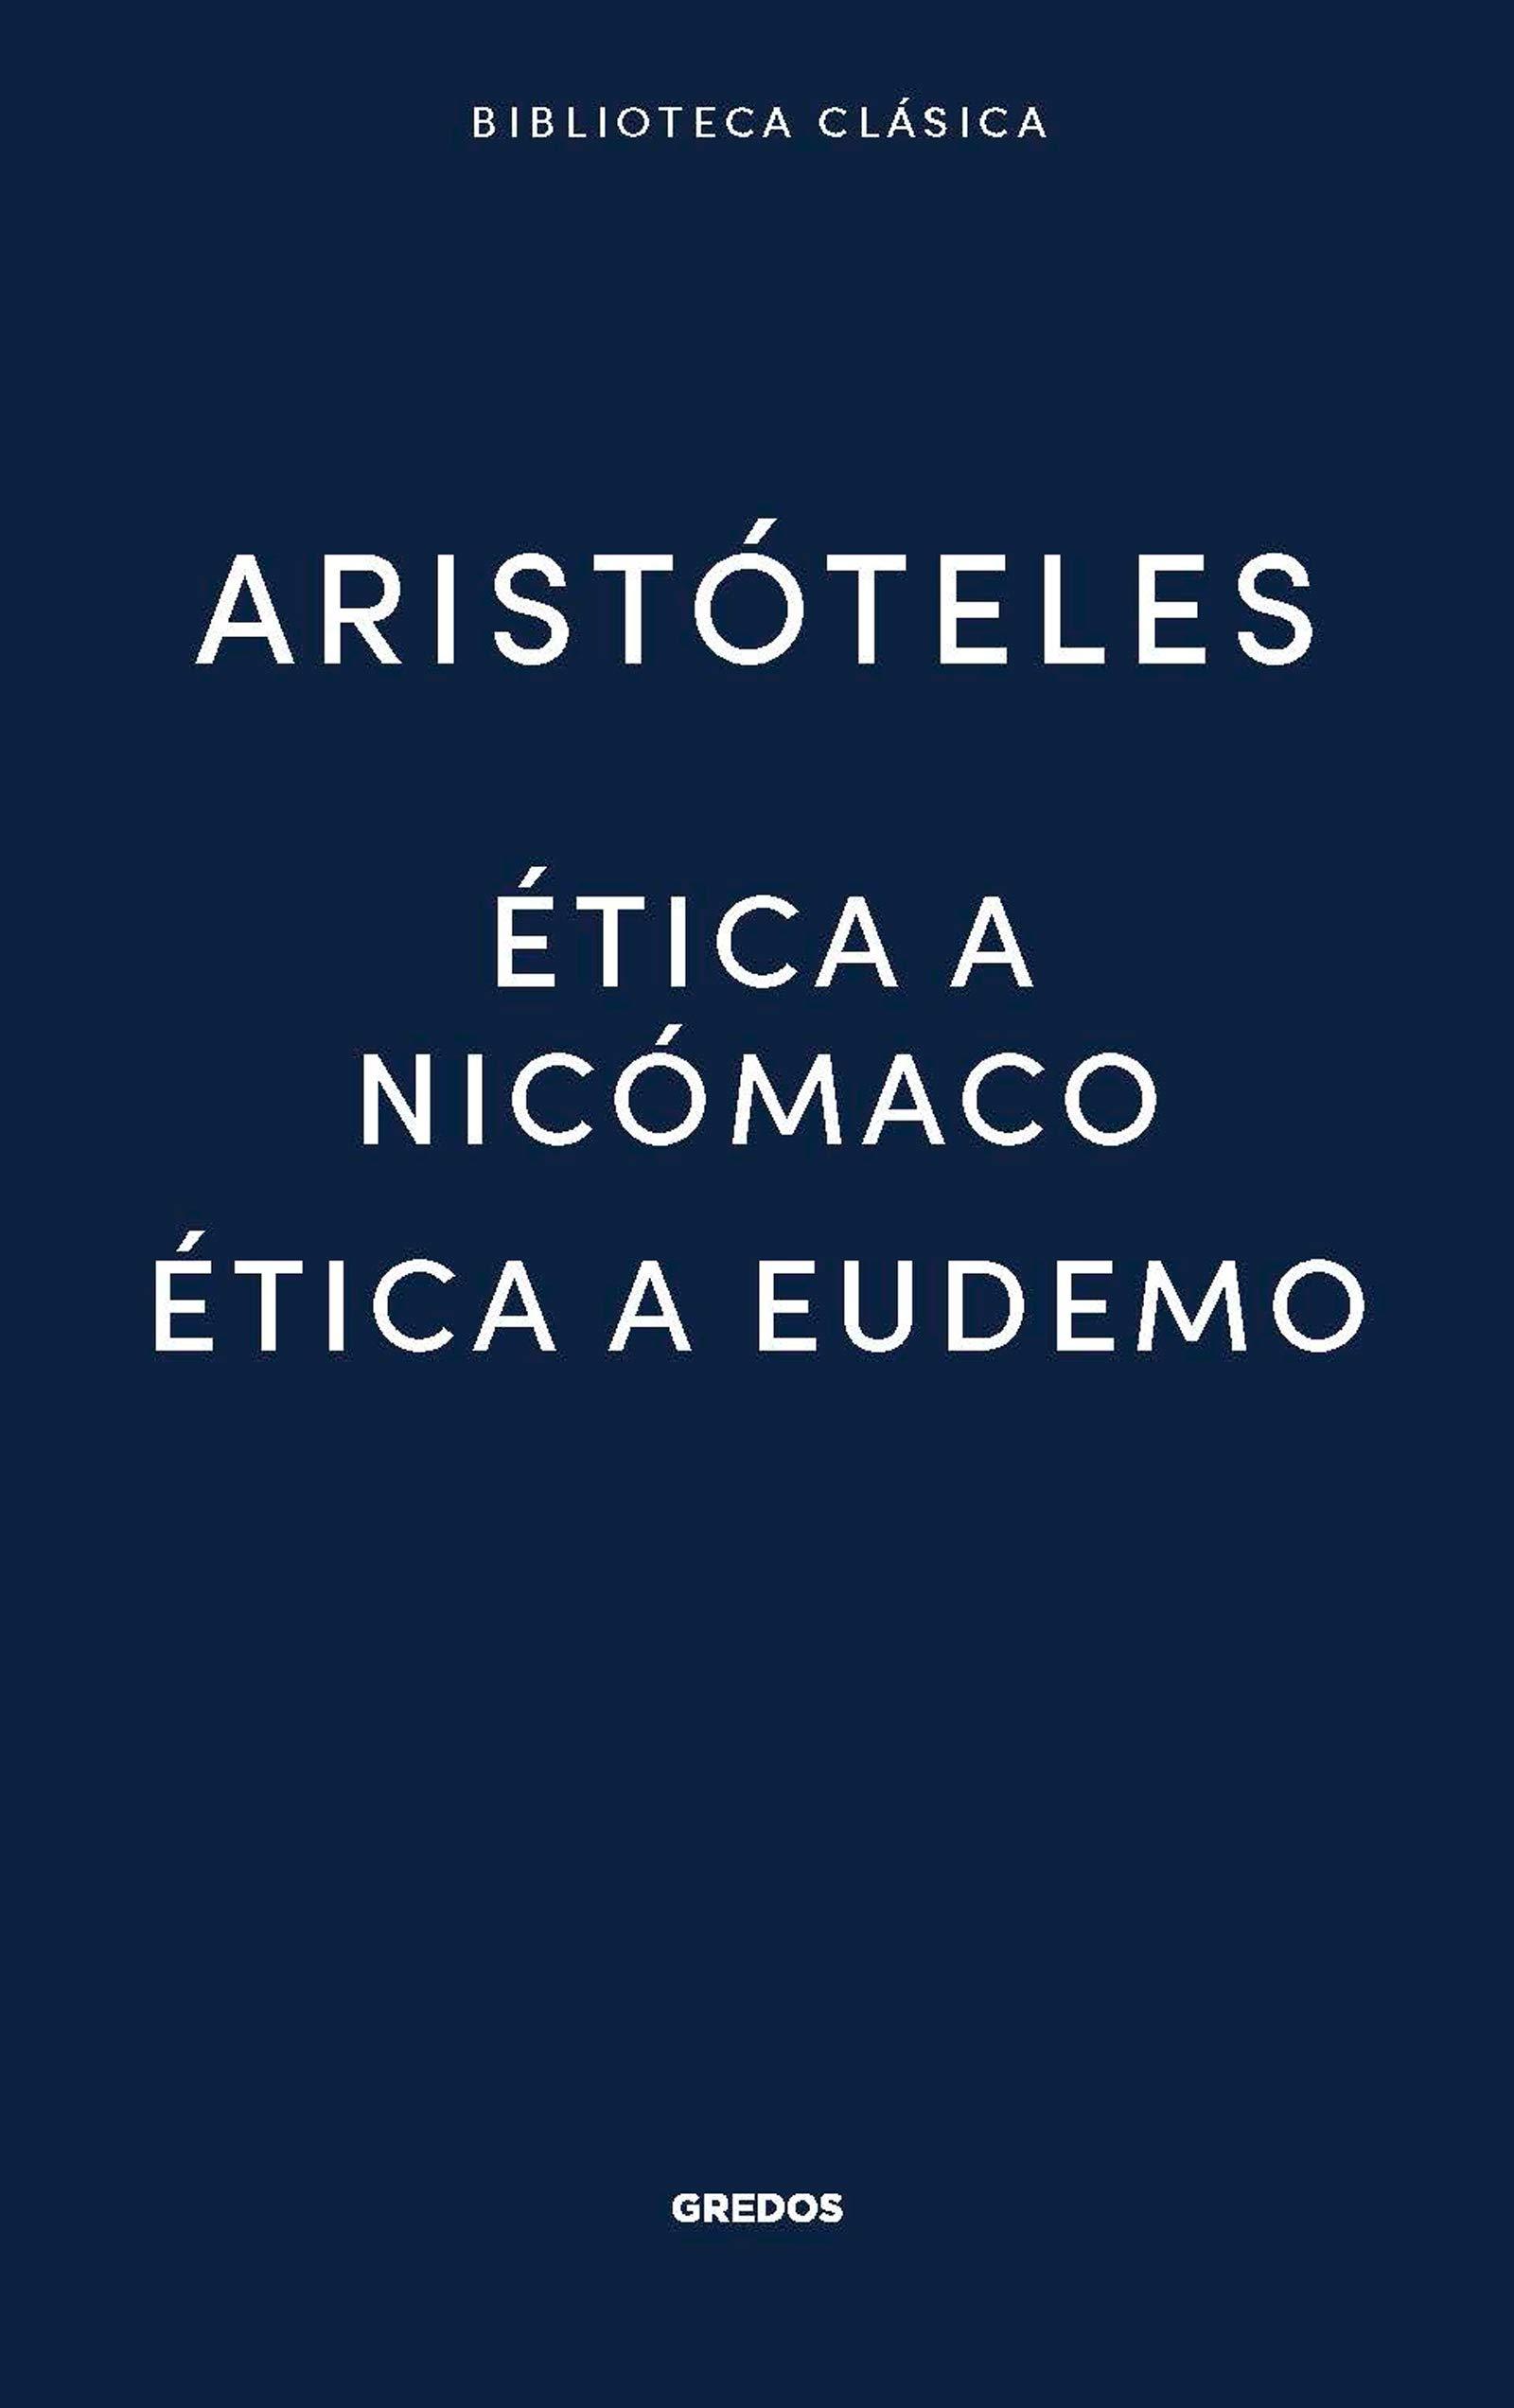 Ética a Nicómaco- Ética a Eudemo (BIBLIOTECA CLASICA)